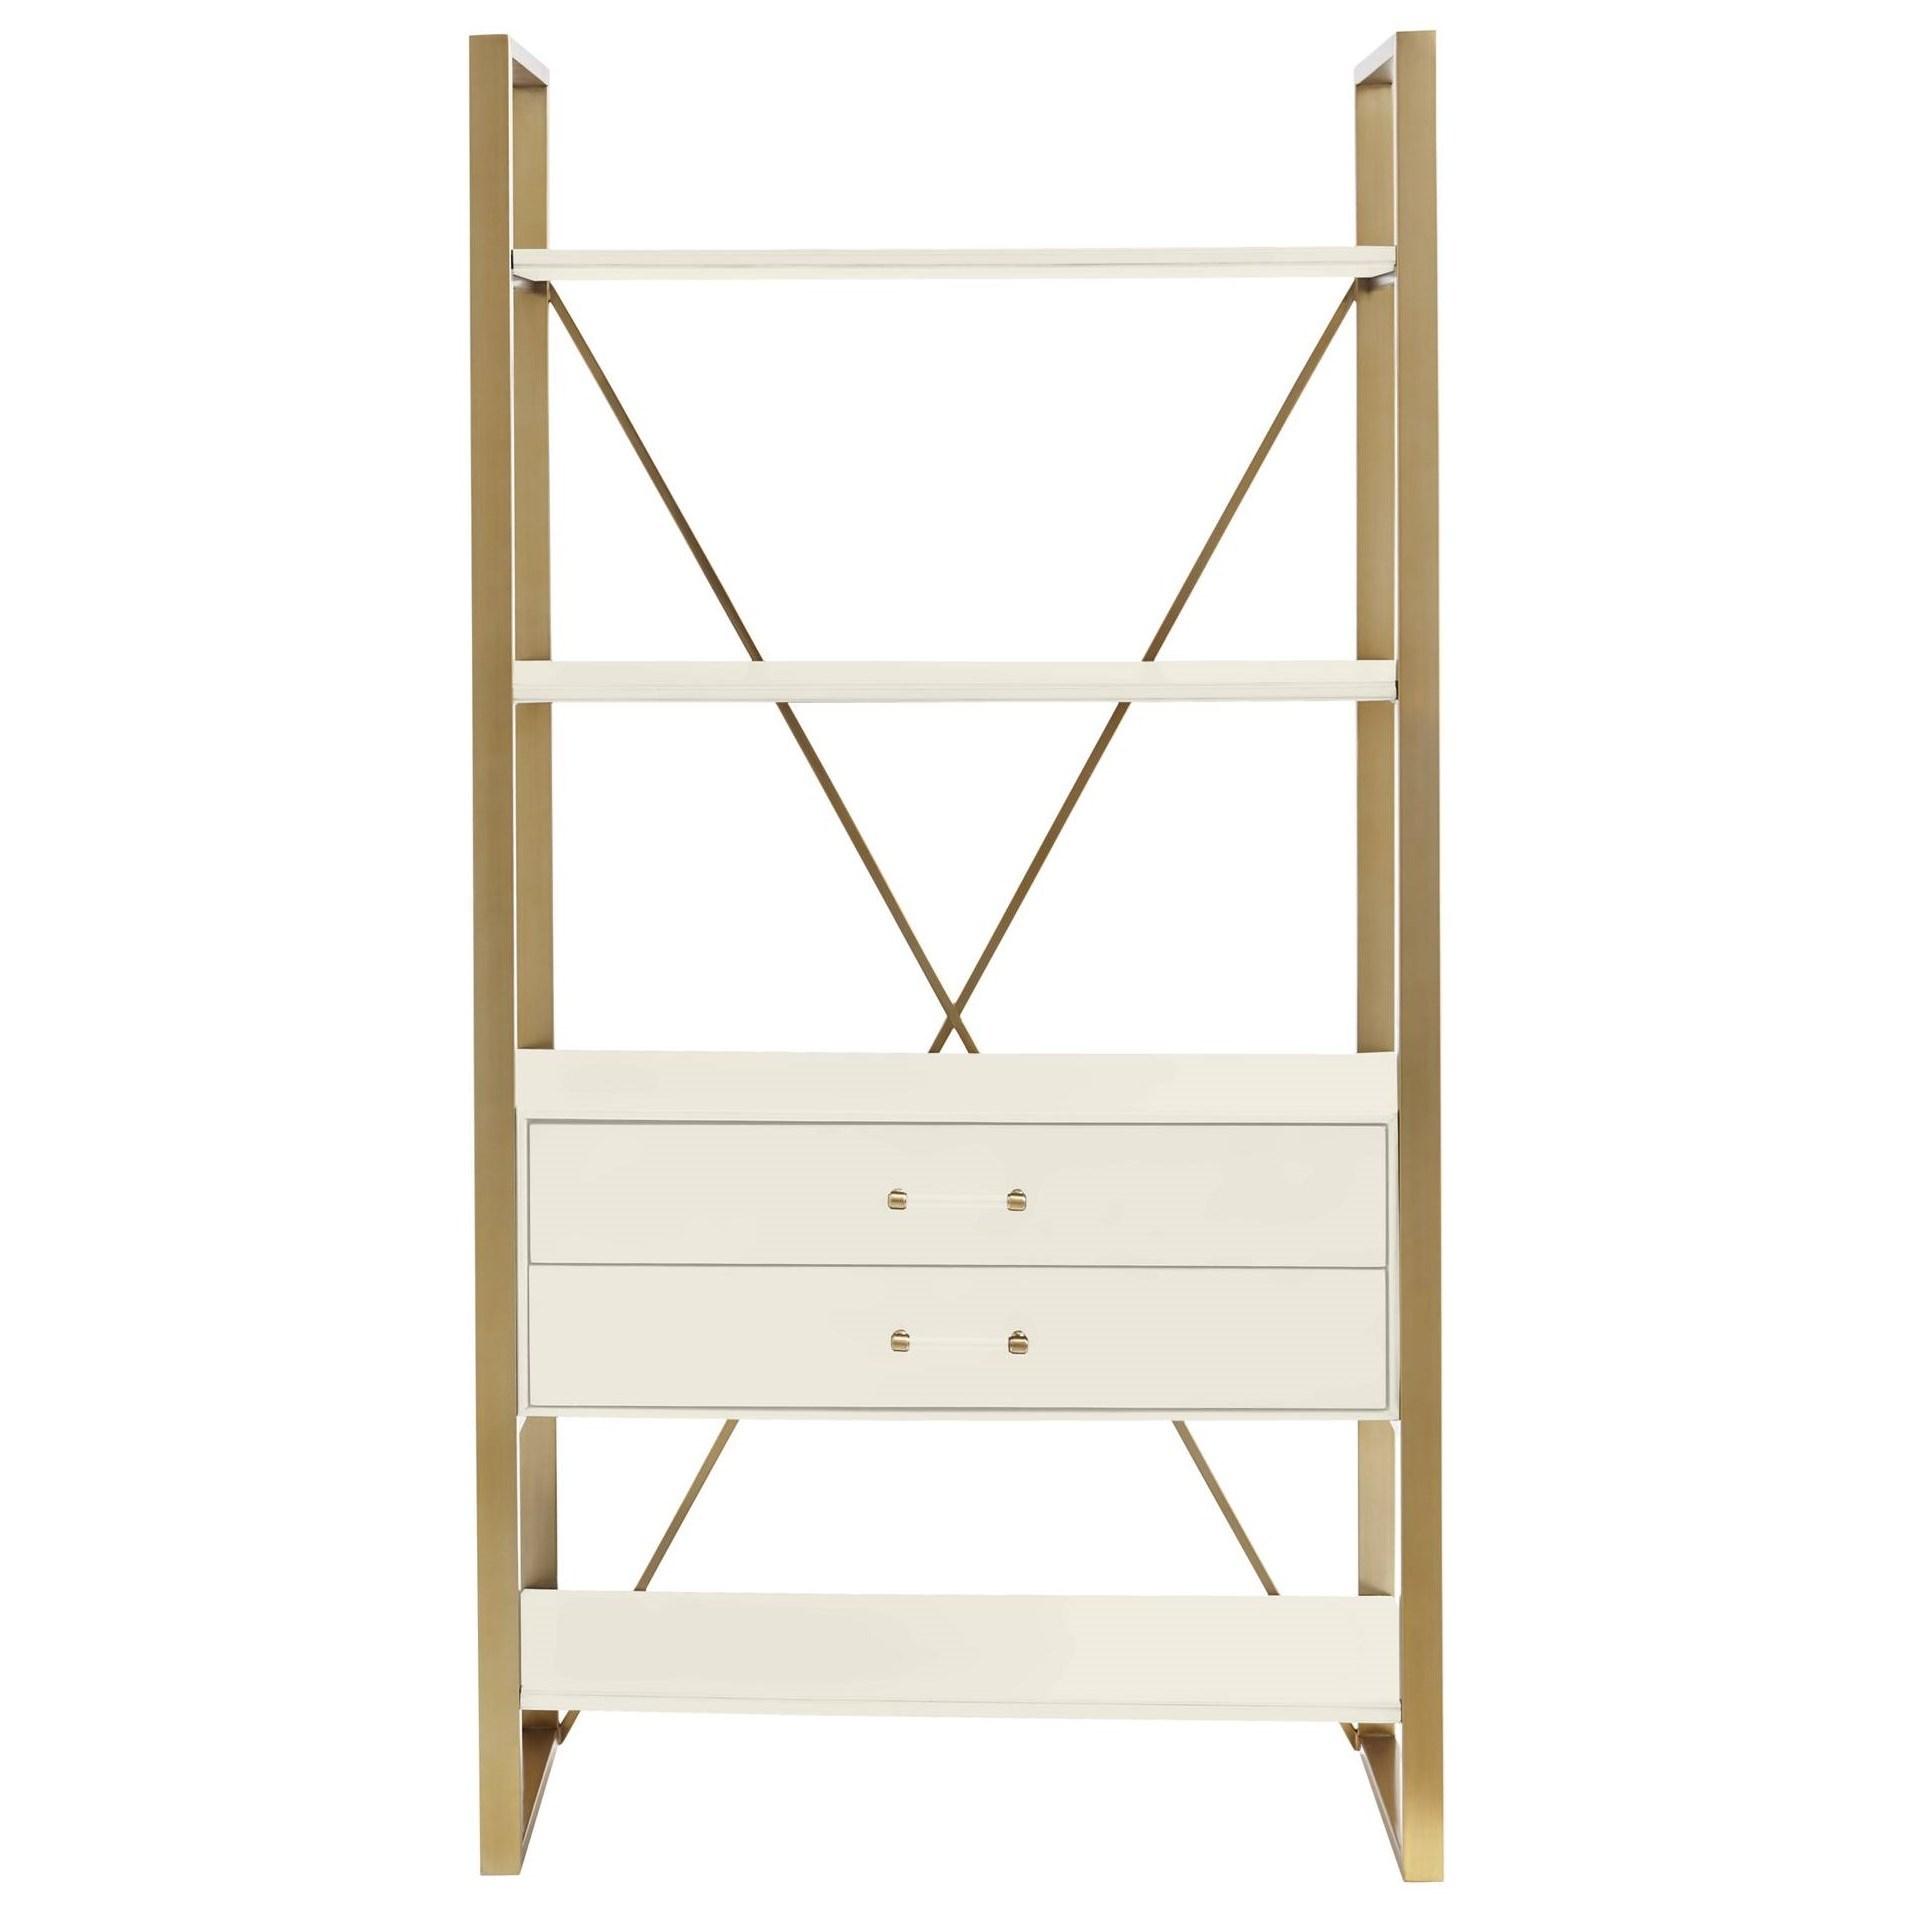 Stanley Furniture Coastal Living Oasis Harwell Bookcase - Item Number: 527-25-18